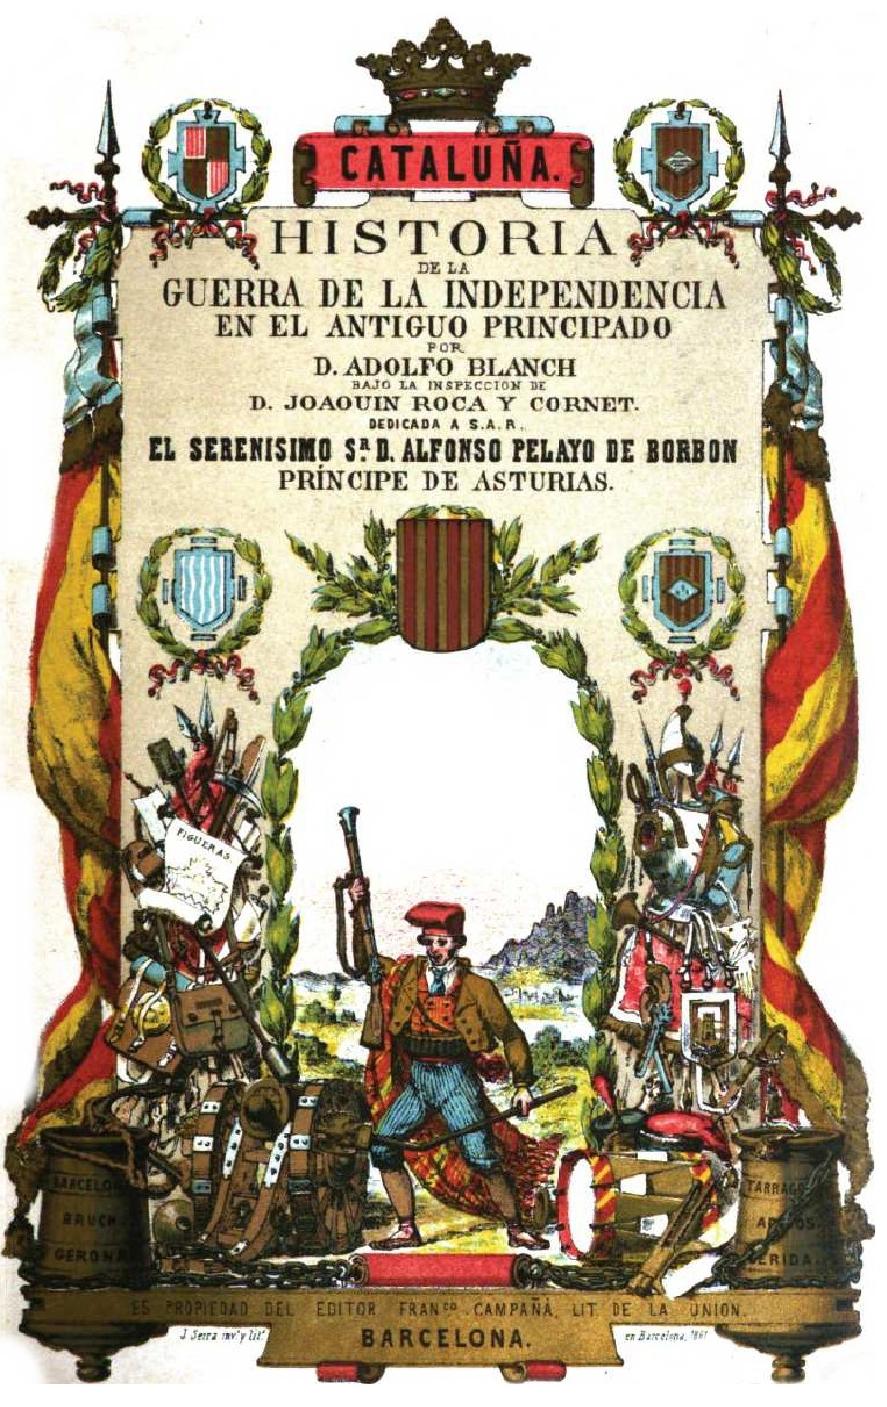 TARRAGONA.  HISTORIA DE LA GUERRA DE LA INDEPENDENCIA EN EL ANTIGUO PRINCIPADO. BARCELONA 1861-LERIDA